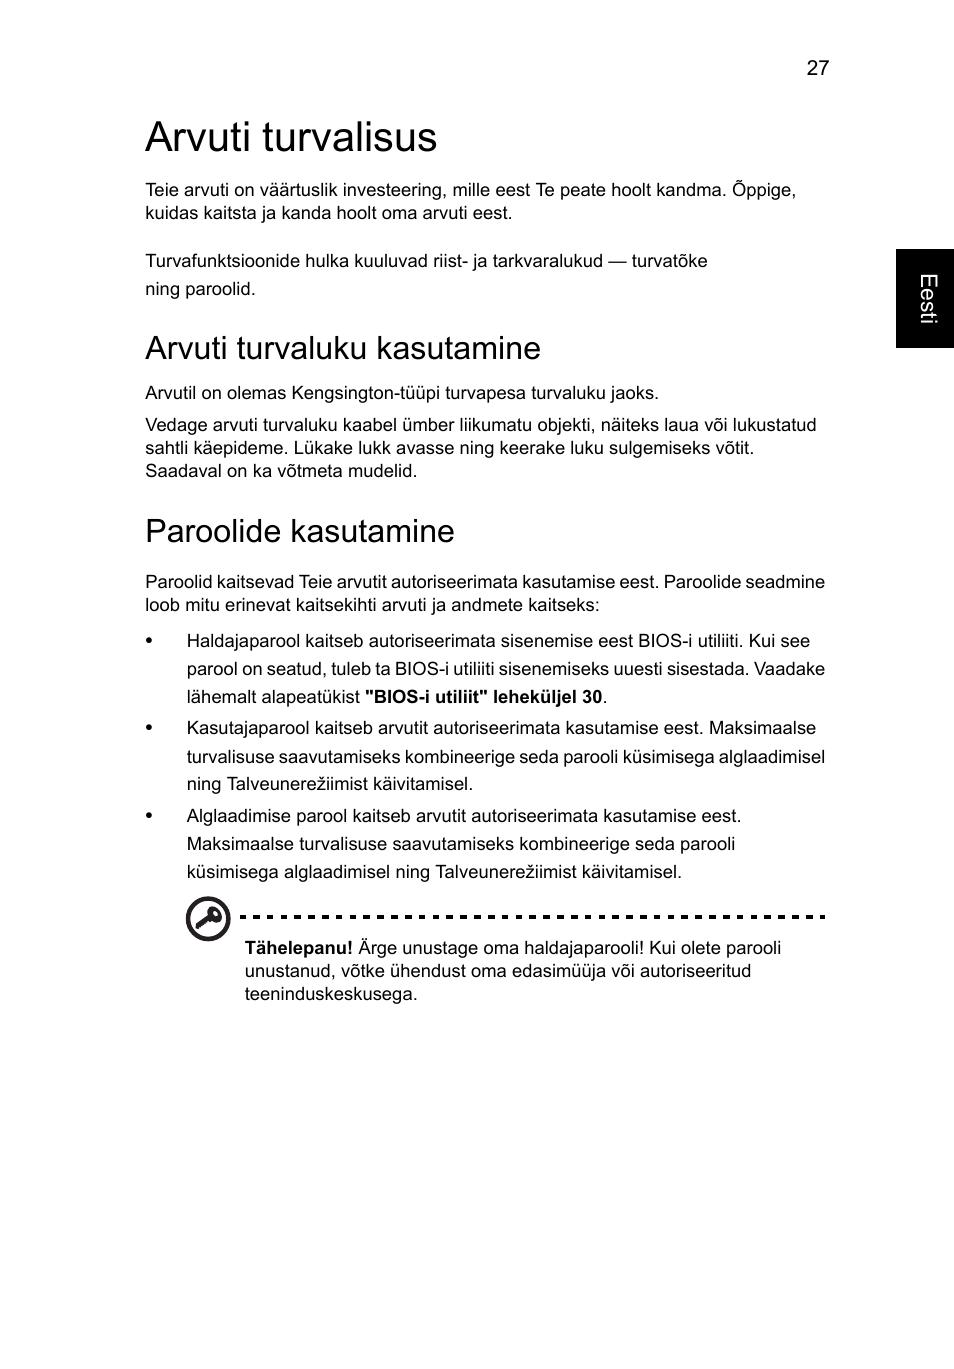 f00844b9185 Arvuti turvalisus, Arvuti turvaluku kasutamine, Paroolide kasutamine | Acer  AO756 User Manual | Page 1365 / 1836